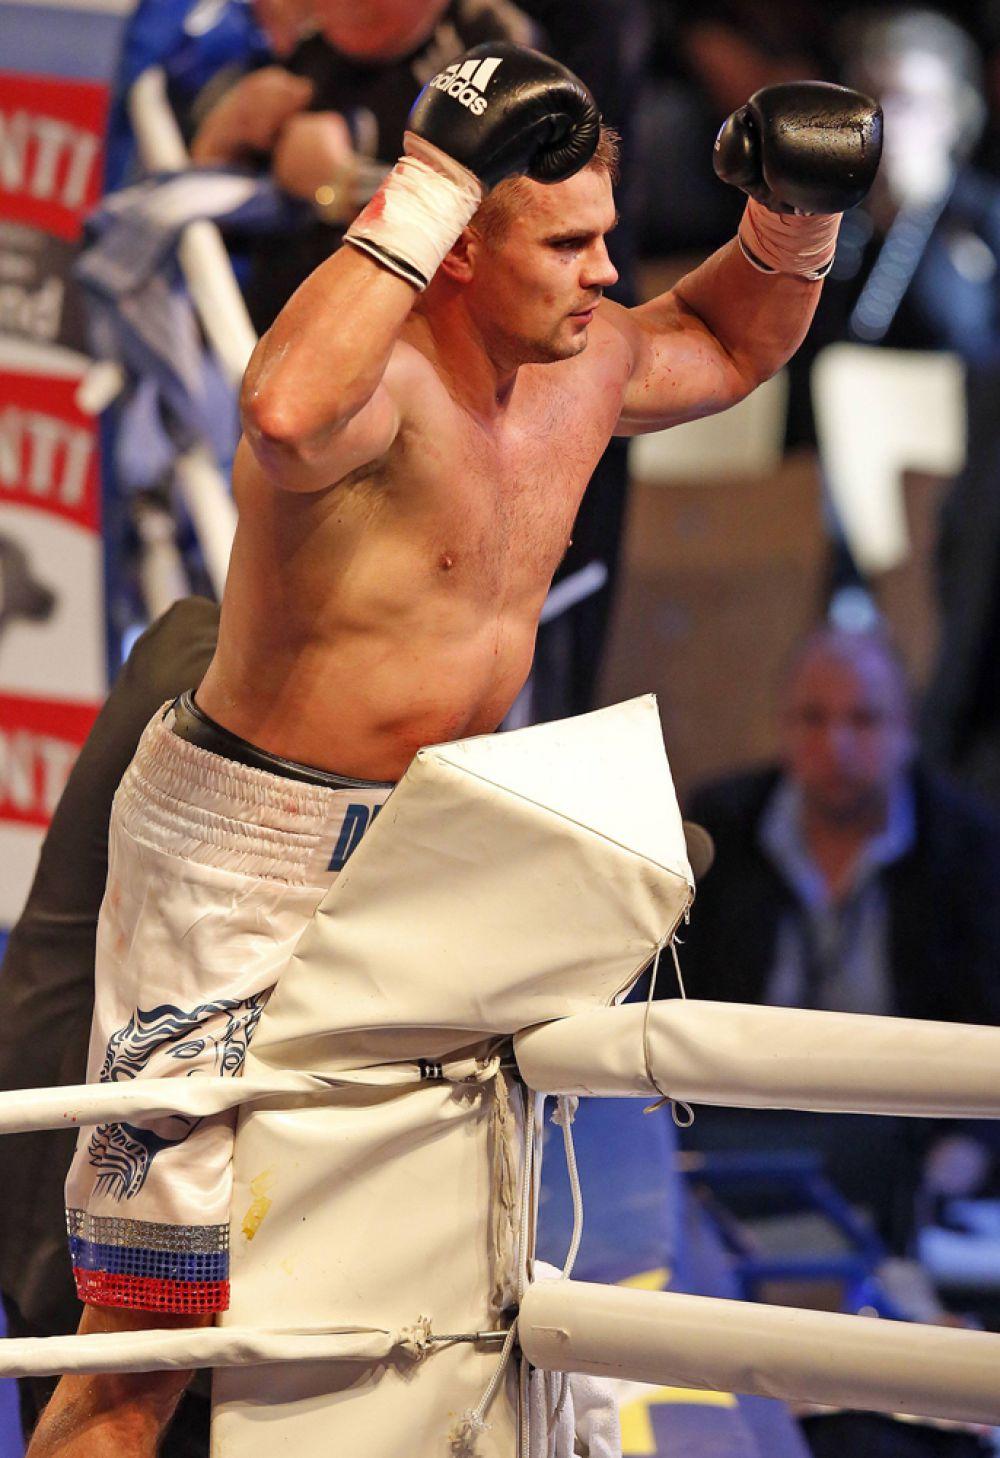 Стоит отметить поединок с Джейсоном Гаверна, когда Денис победил его красивейшим нокаутом. Но уже в бою с Кевином Монти спортсмен получил травму кисти, хотя сам бой ему удалось выиграть. Эта травма оставляет его без бокса целые 10 месяцев. Следующий его бой состоялся в 2010 году против Майкла Шеппарда, Денису удалось закончить бой нокаутом.